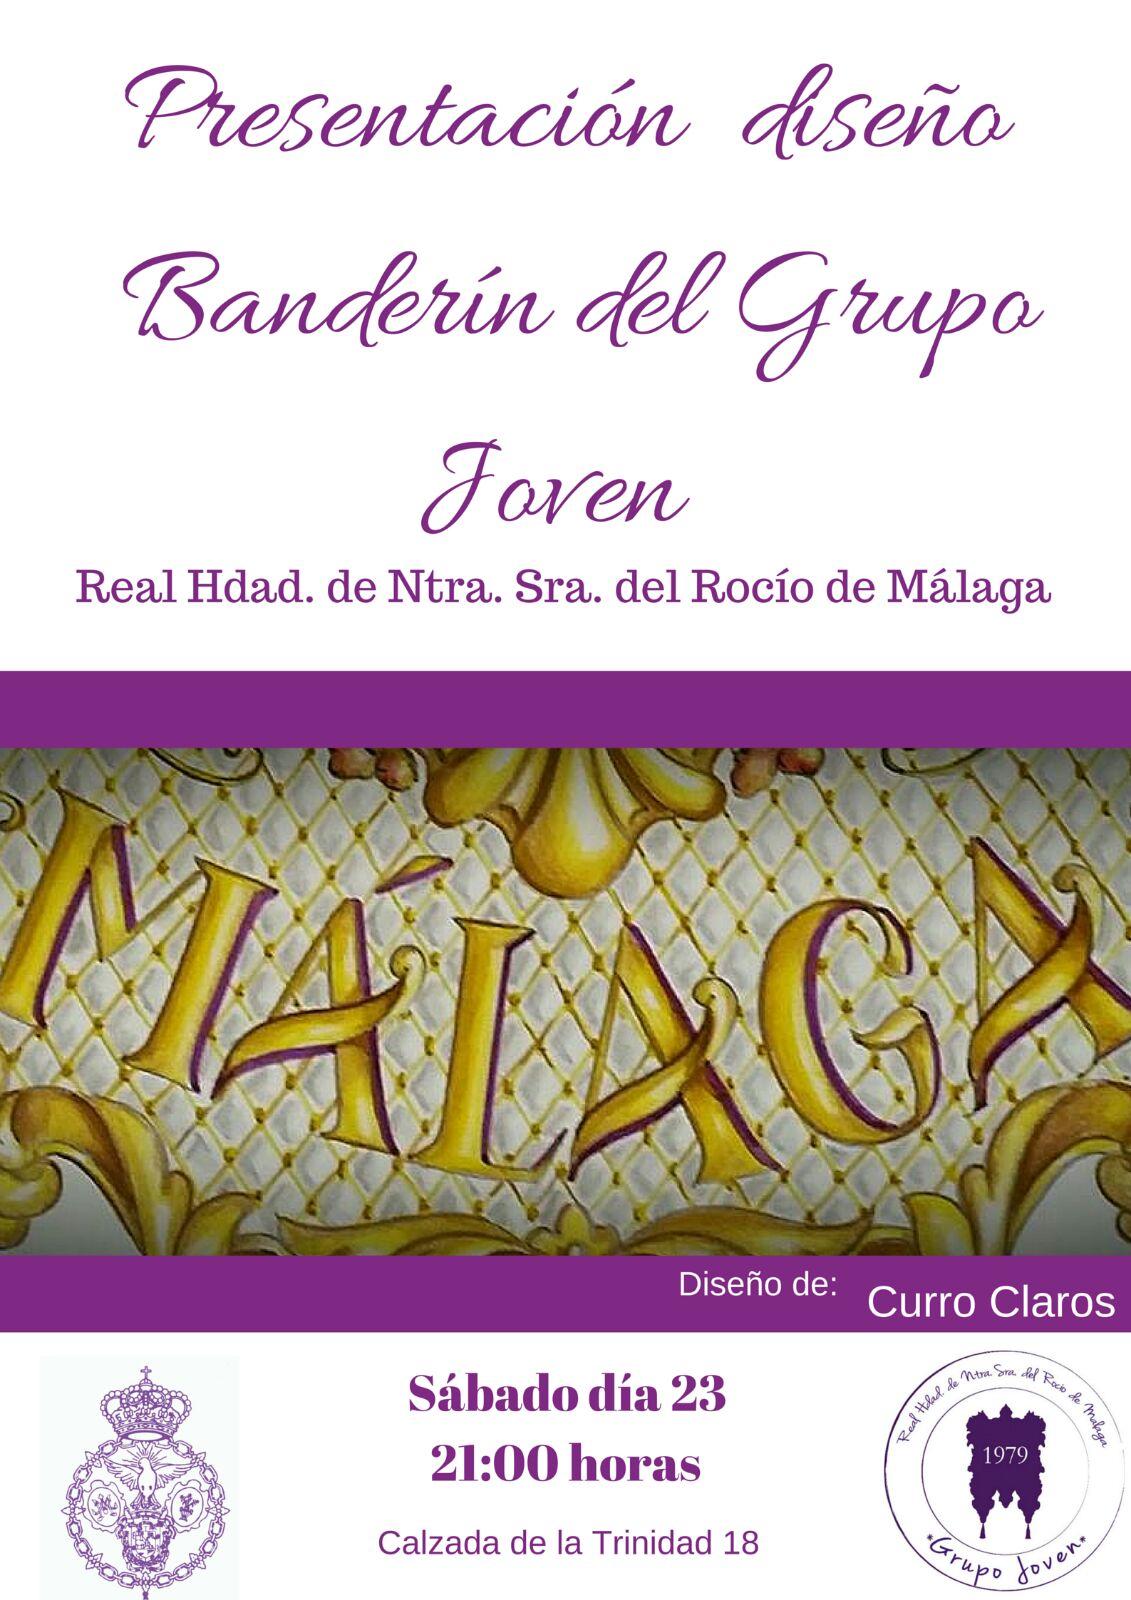 Presentación nuevo diseño Banderín Grupo Joven de la Real Hermandad de Nuestra Señora del Rocio de Málaga